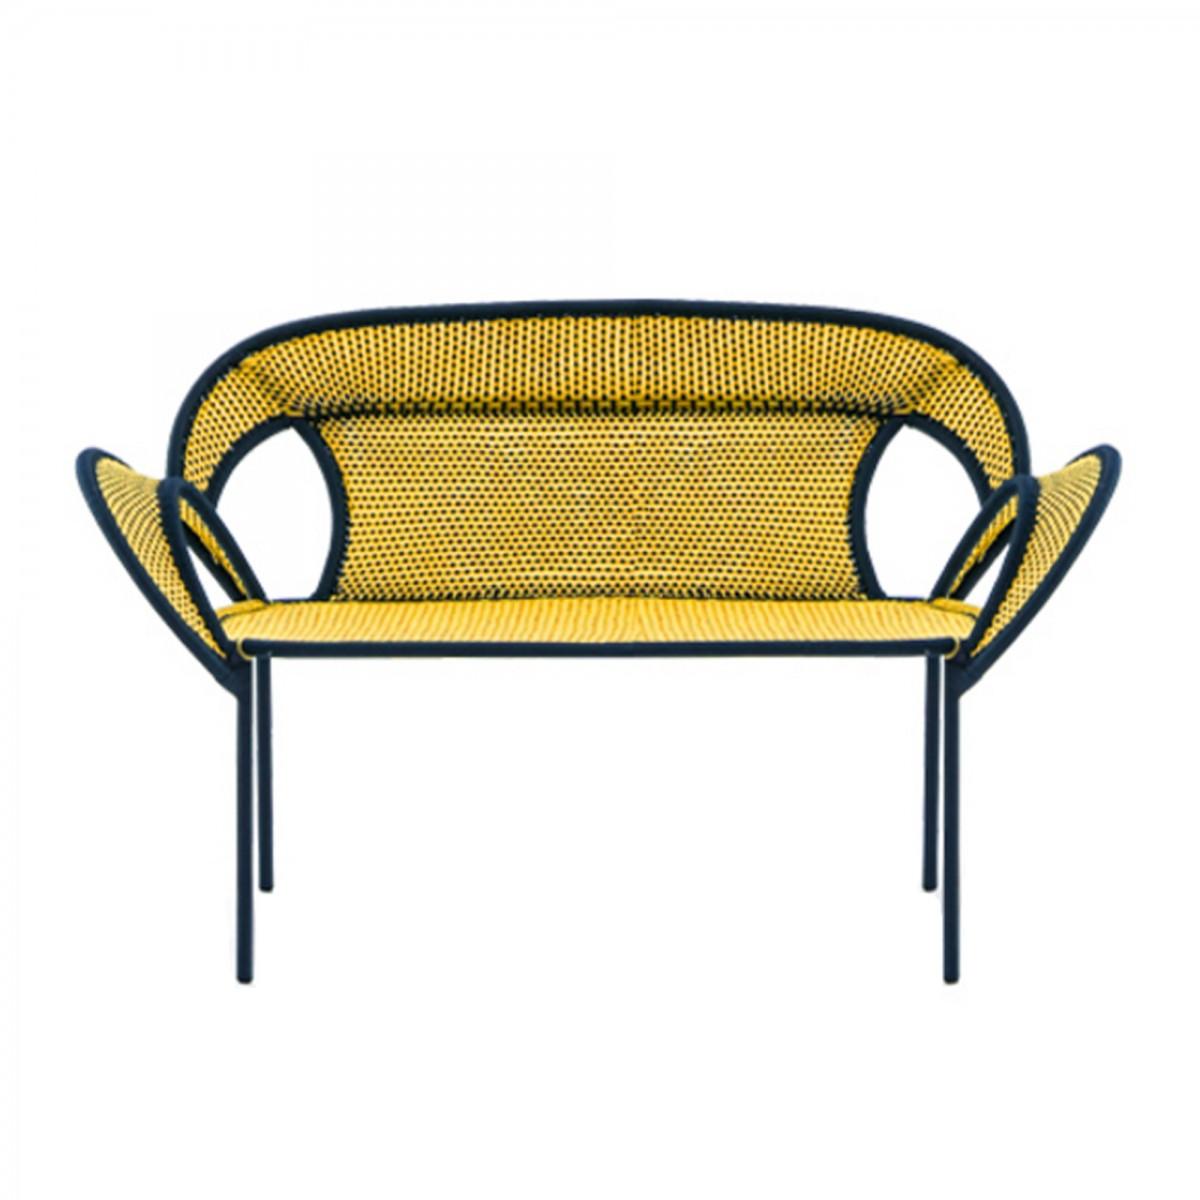 Canap banjooli jaune noir moroso for Canape jaune